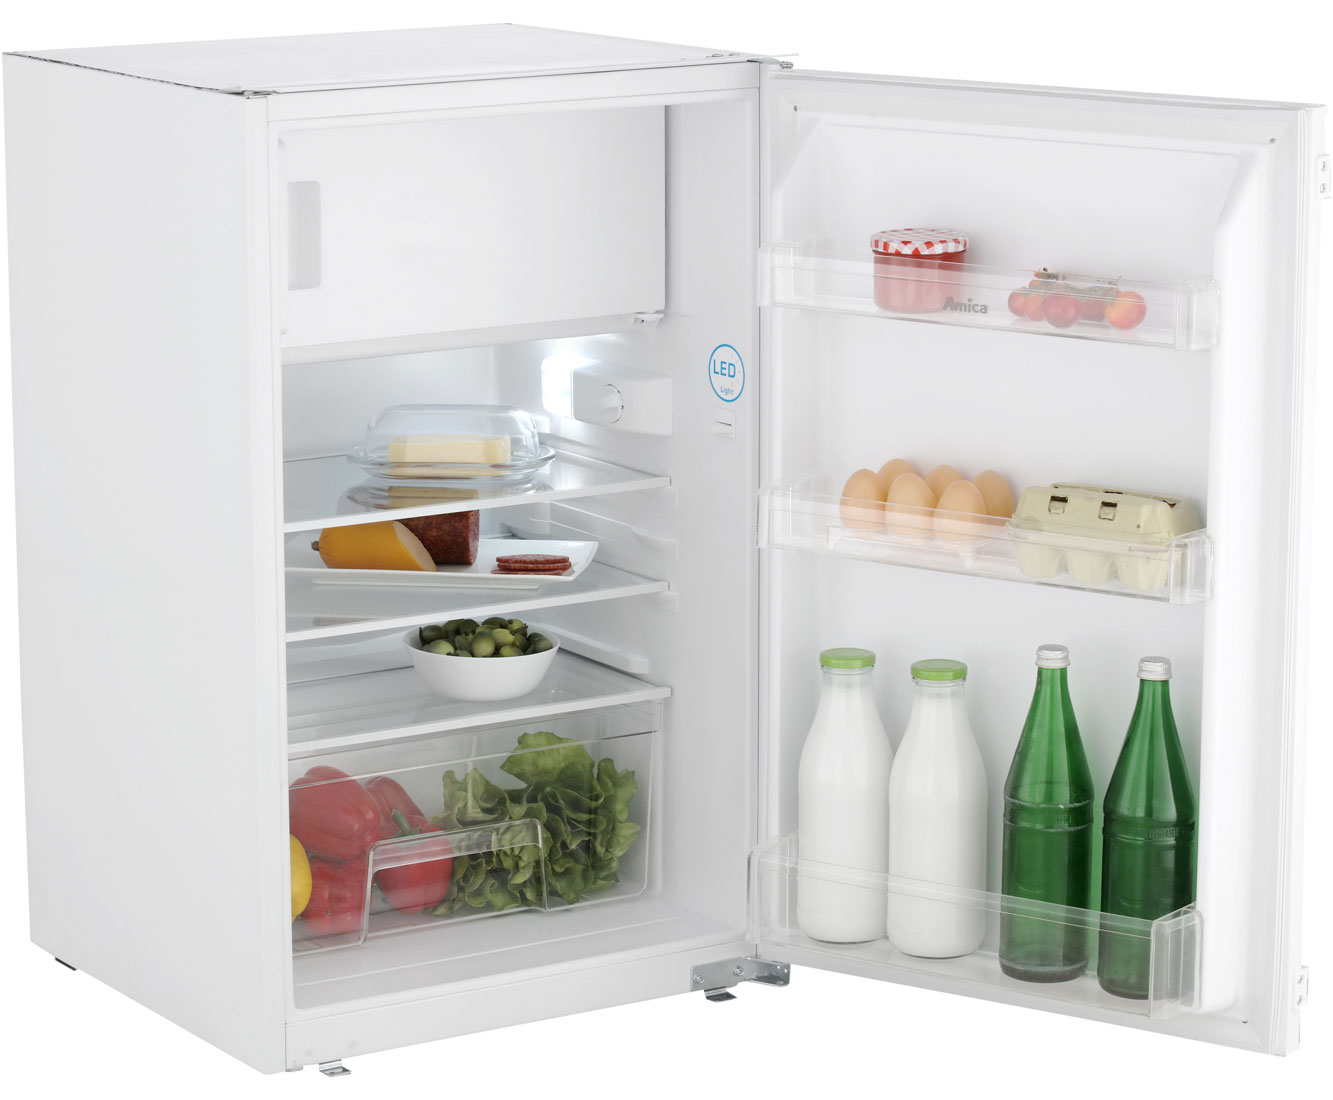 Amica Kühlschrank Erfahrung : Amica kühlschrank temperatur einstellen kühlschrank modelle